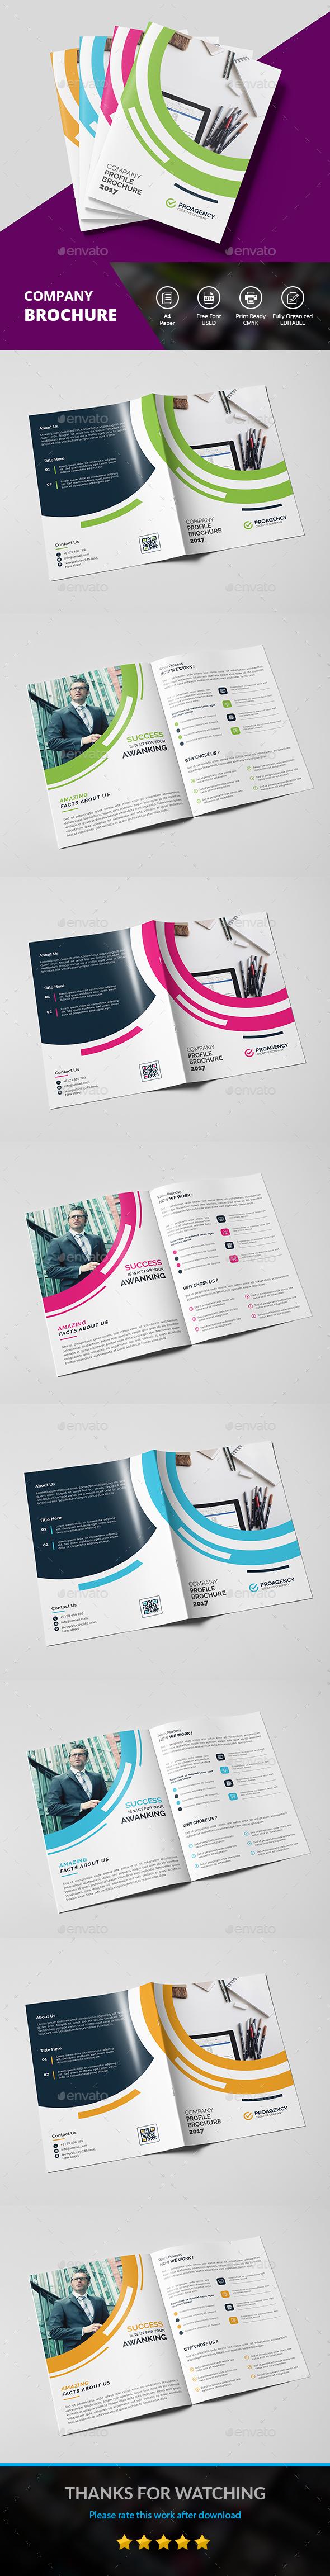 Corporate Bi-fold - Corporate Brochures